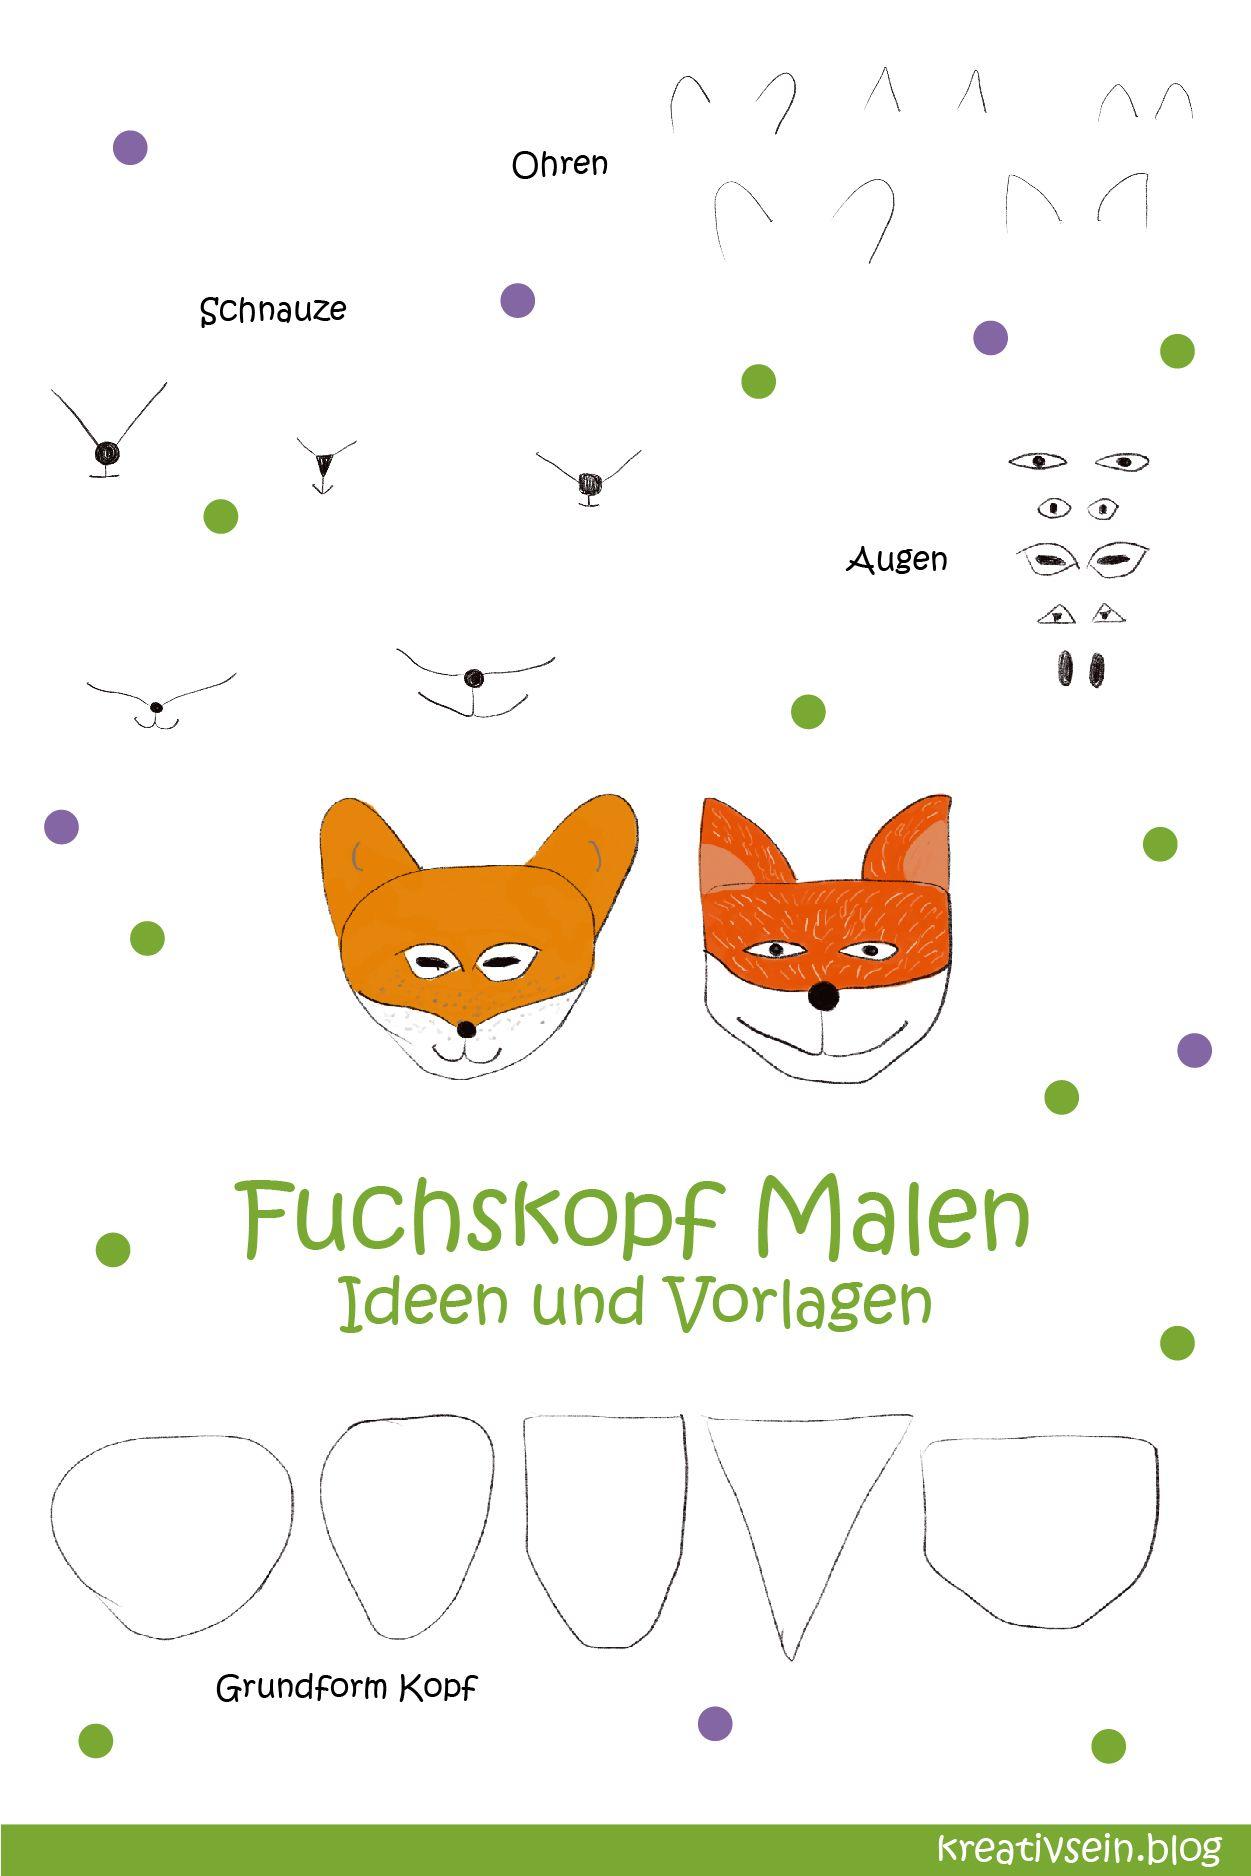 Fuchs Malen Mit Vorlage Geht Es Ganz Einfach Kreativsein Blog Fuchs Fuchs Zeichnen Malen